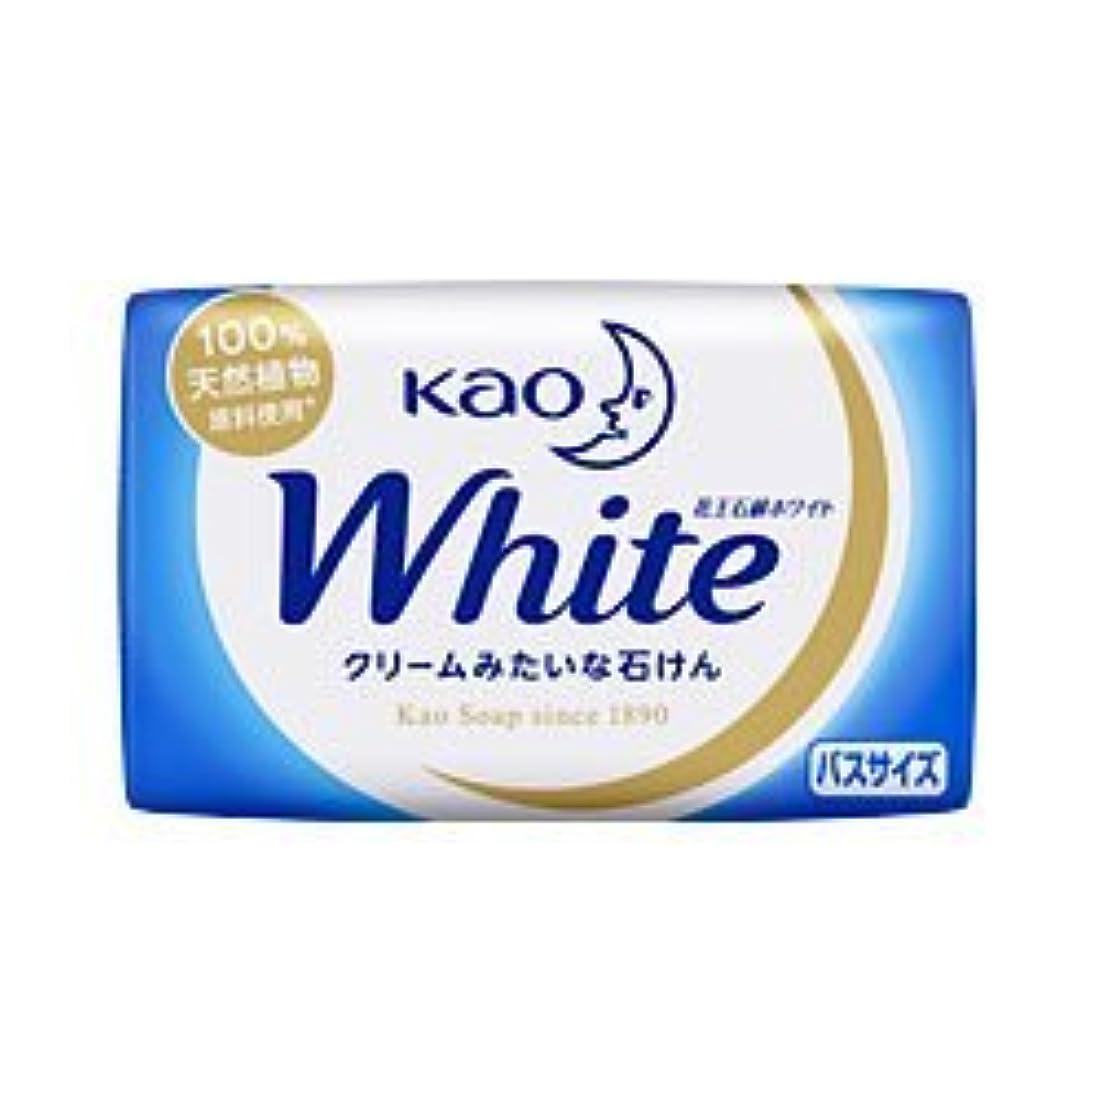 ミュウミュウデザートシールド【花王】花王ホワイト バスサイズ 1個 130g ×20個セット